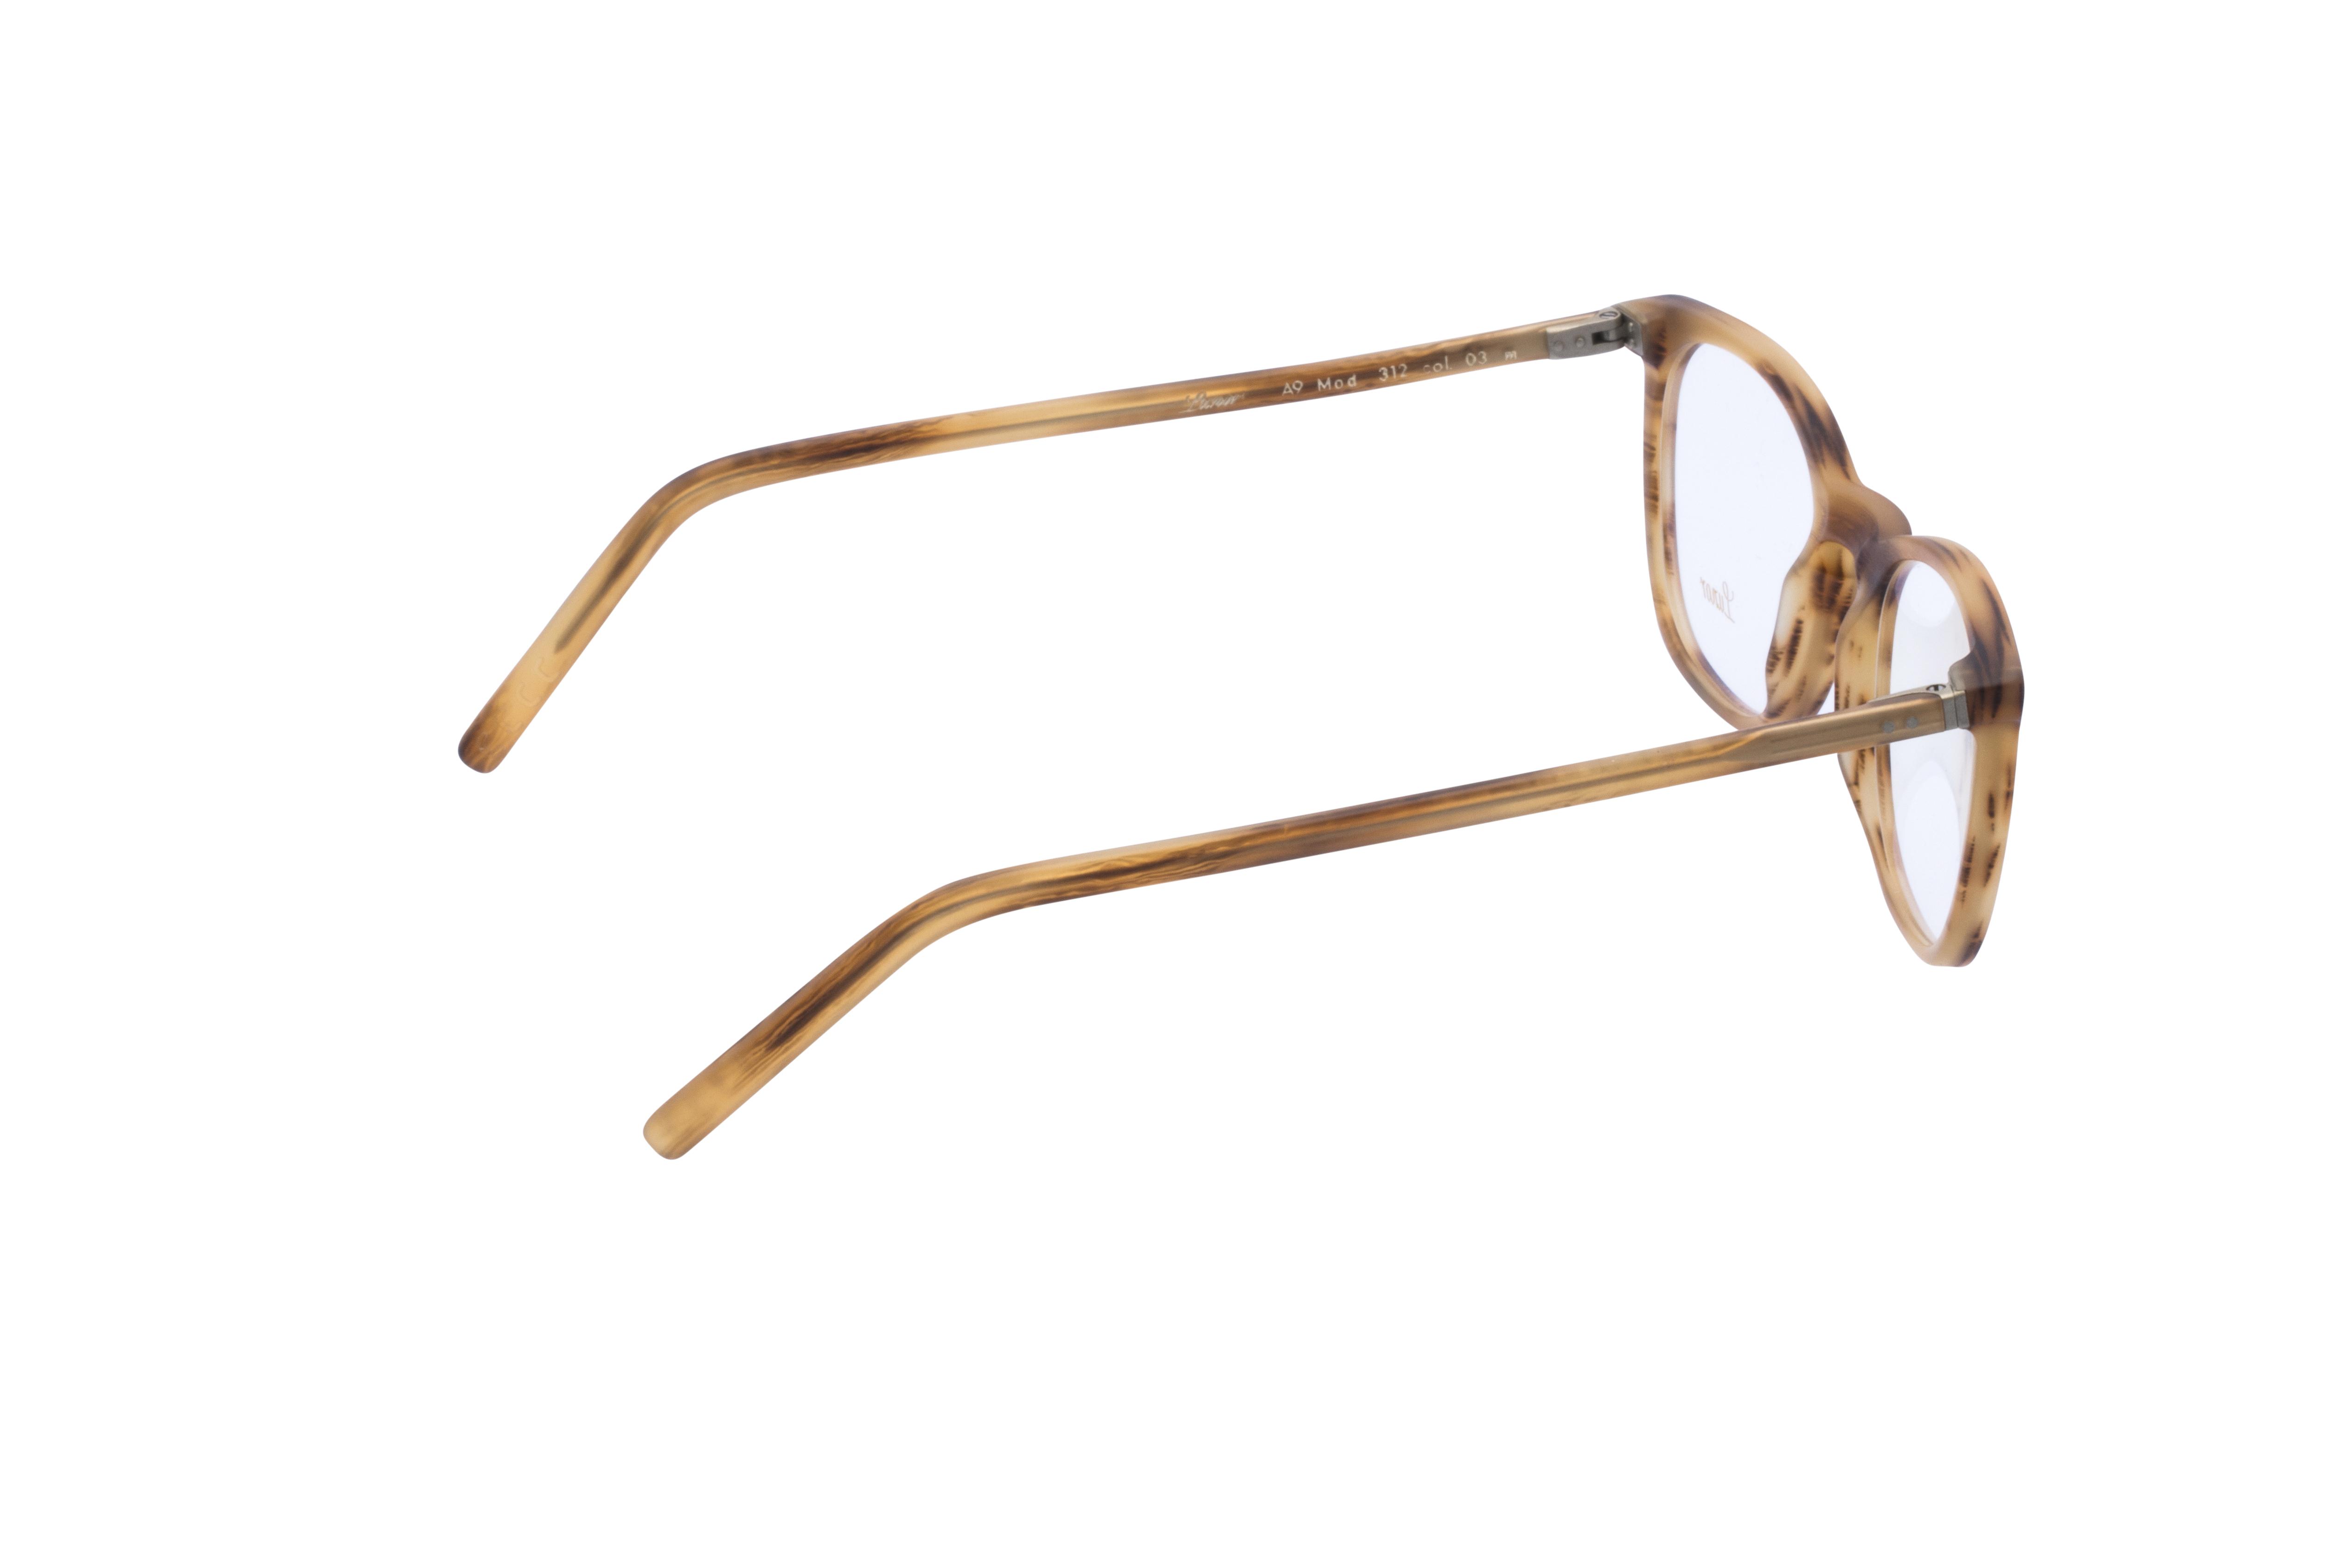 360 Grad Ansicht 7 Lunor 312, Brille auf Weiß - Fassung bei KUNK